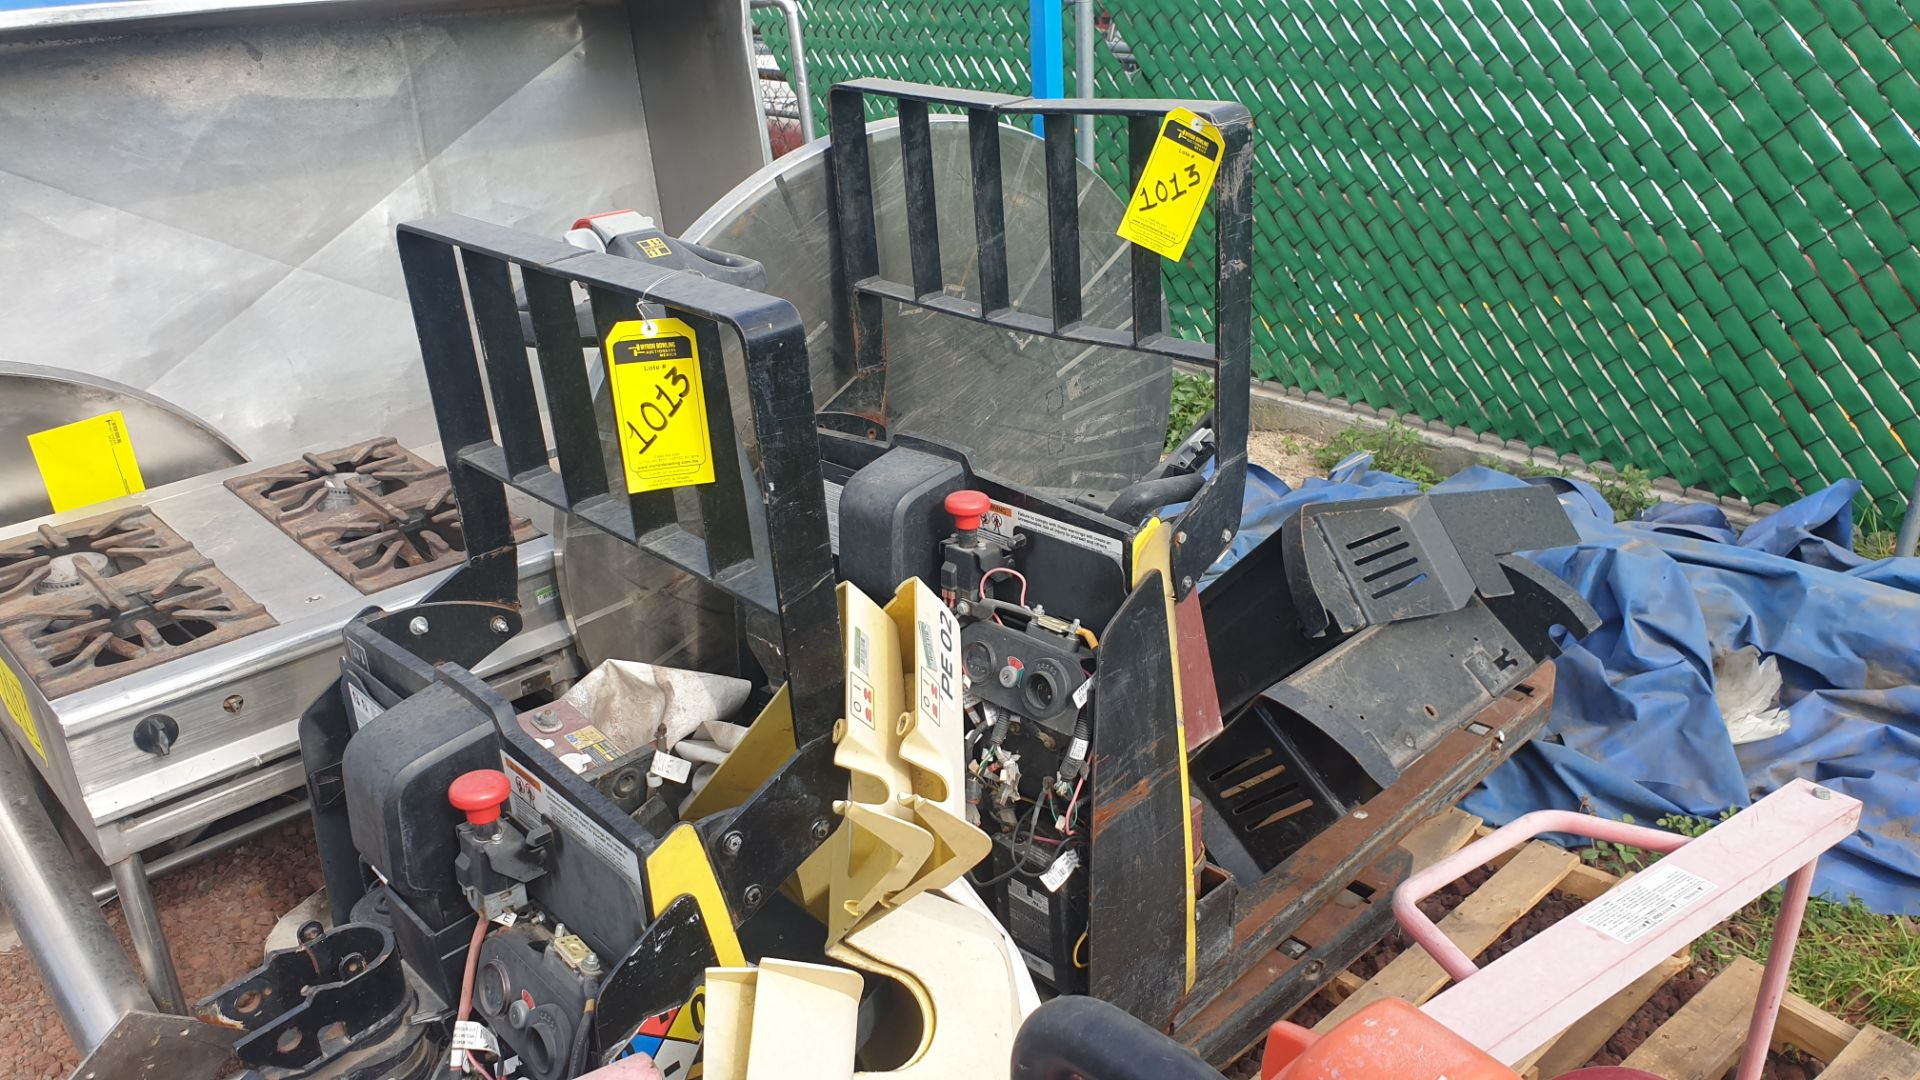 2 HYSTER lift pallet truck model W45ZHD 24 V , 1 DAYTON lift pallet truck model 21XV82 - Image 5 of 21